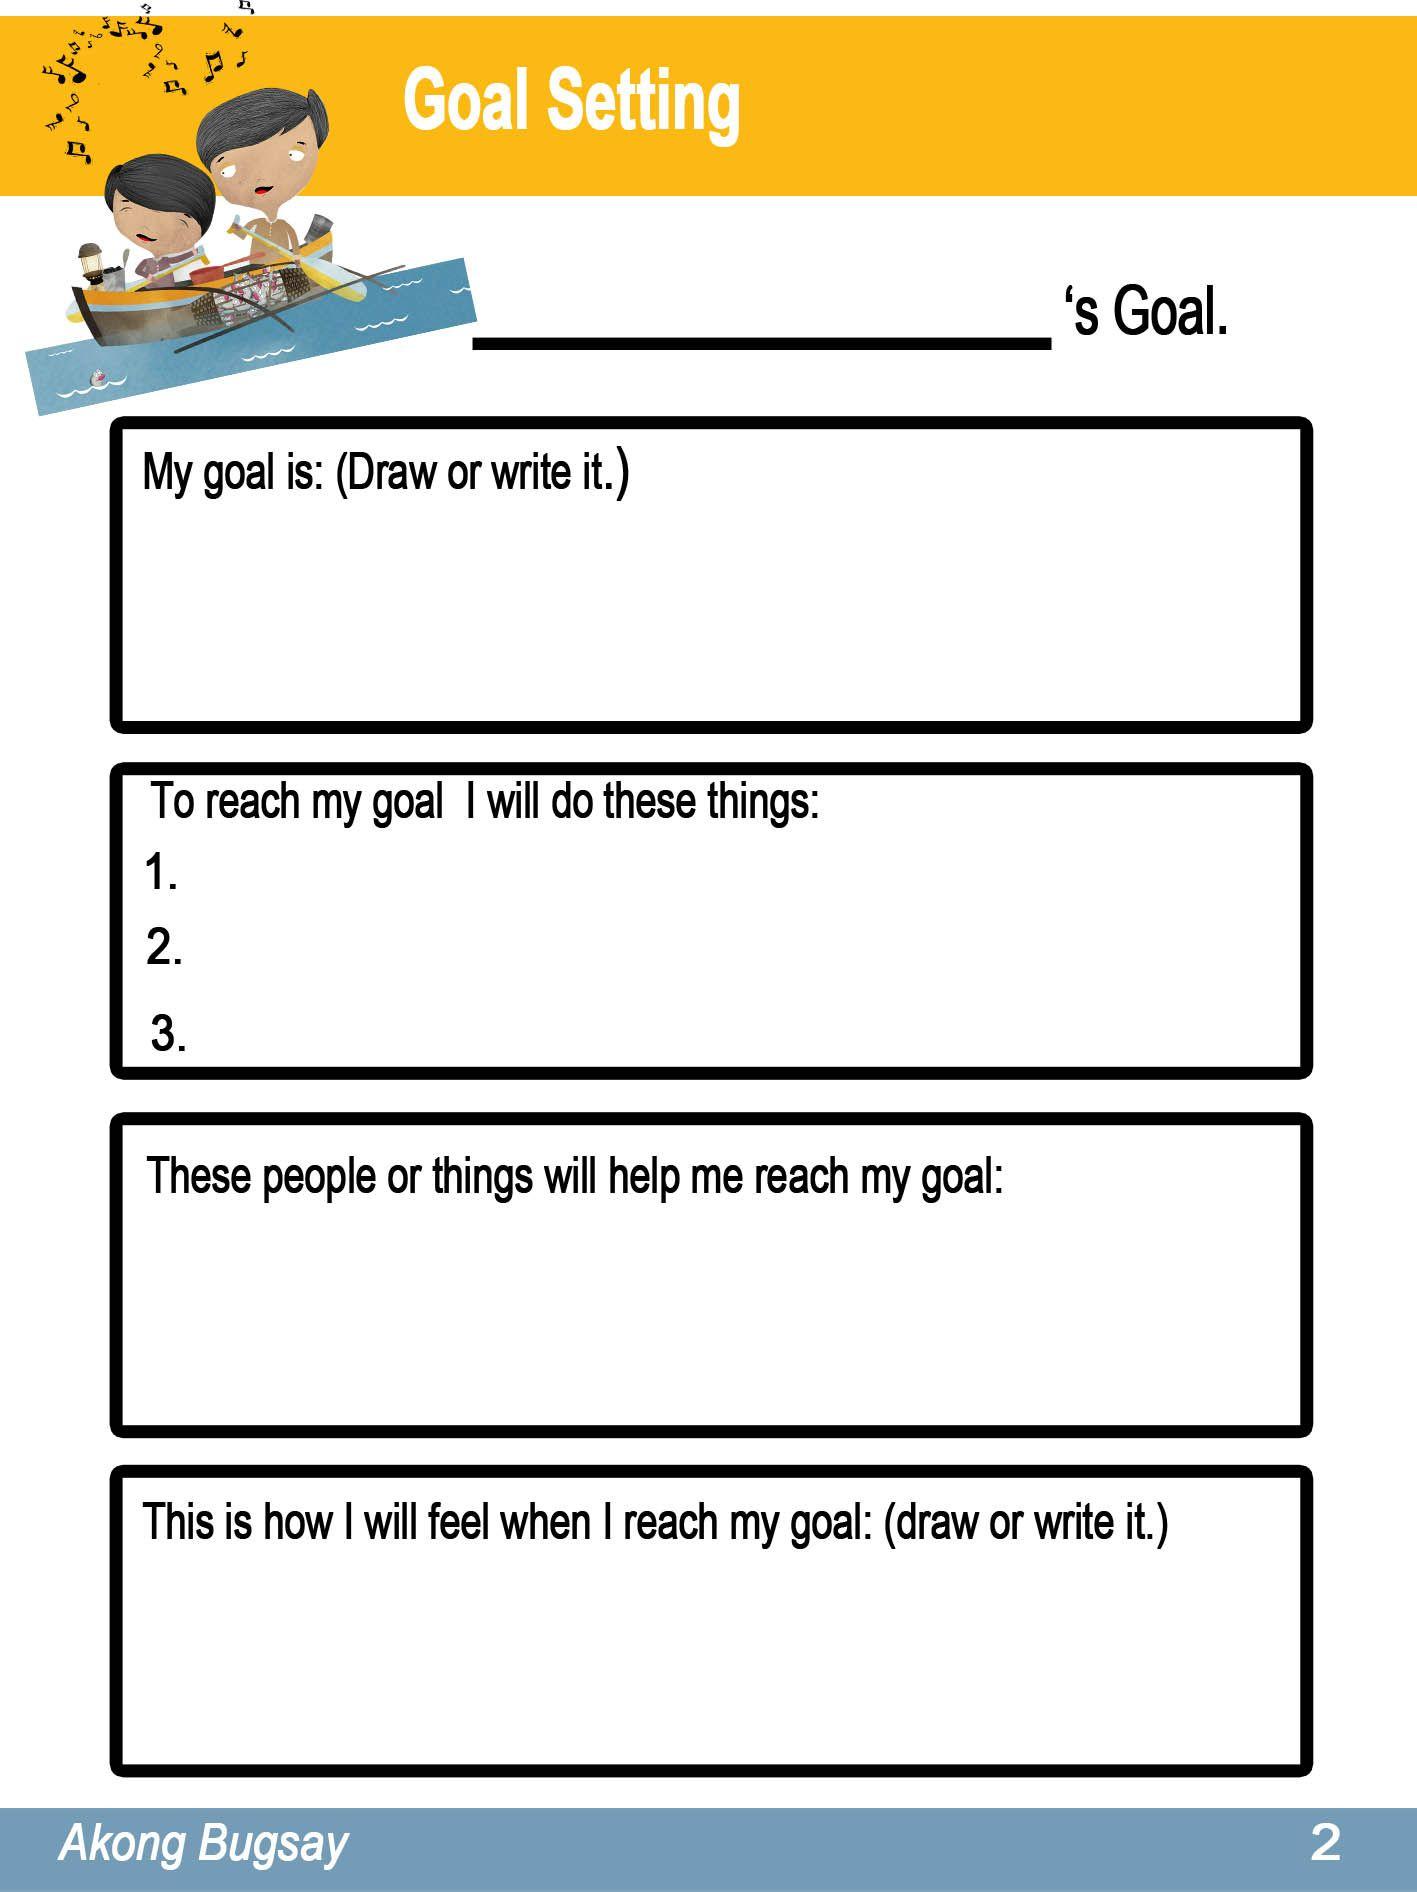 Worksheets Setting Goals For Students Worksheet goalsetting copy jpg pixels school pinterest goal student goal